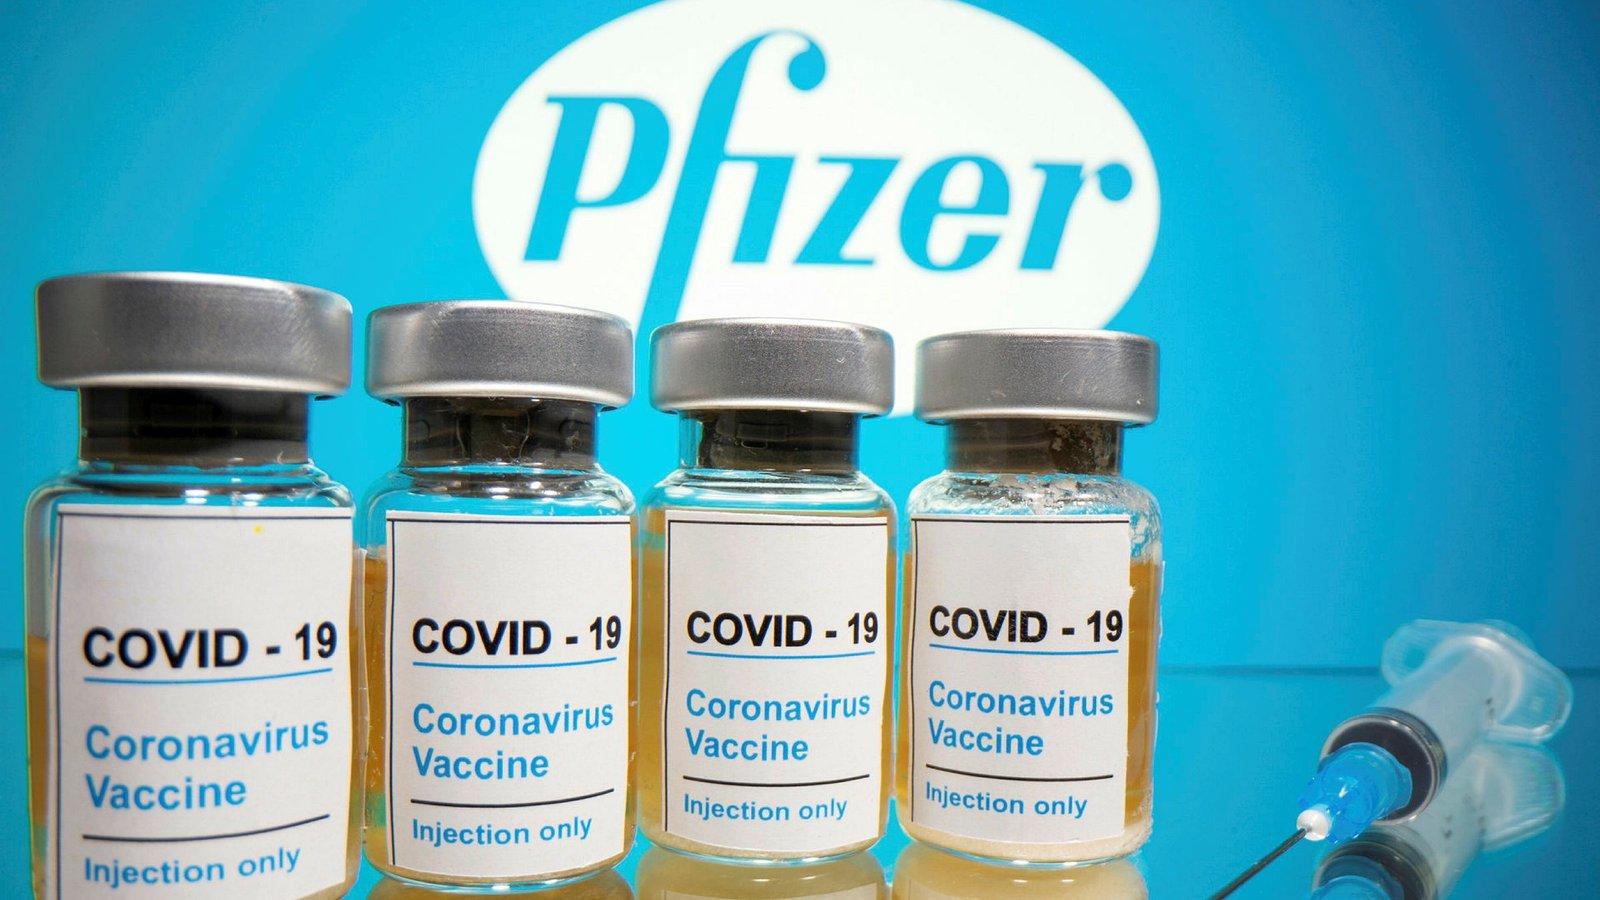 Pfizer eleva la efectividad de su vacuna contra el COVID-19 a un 95%